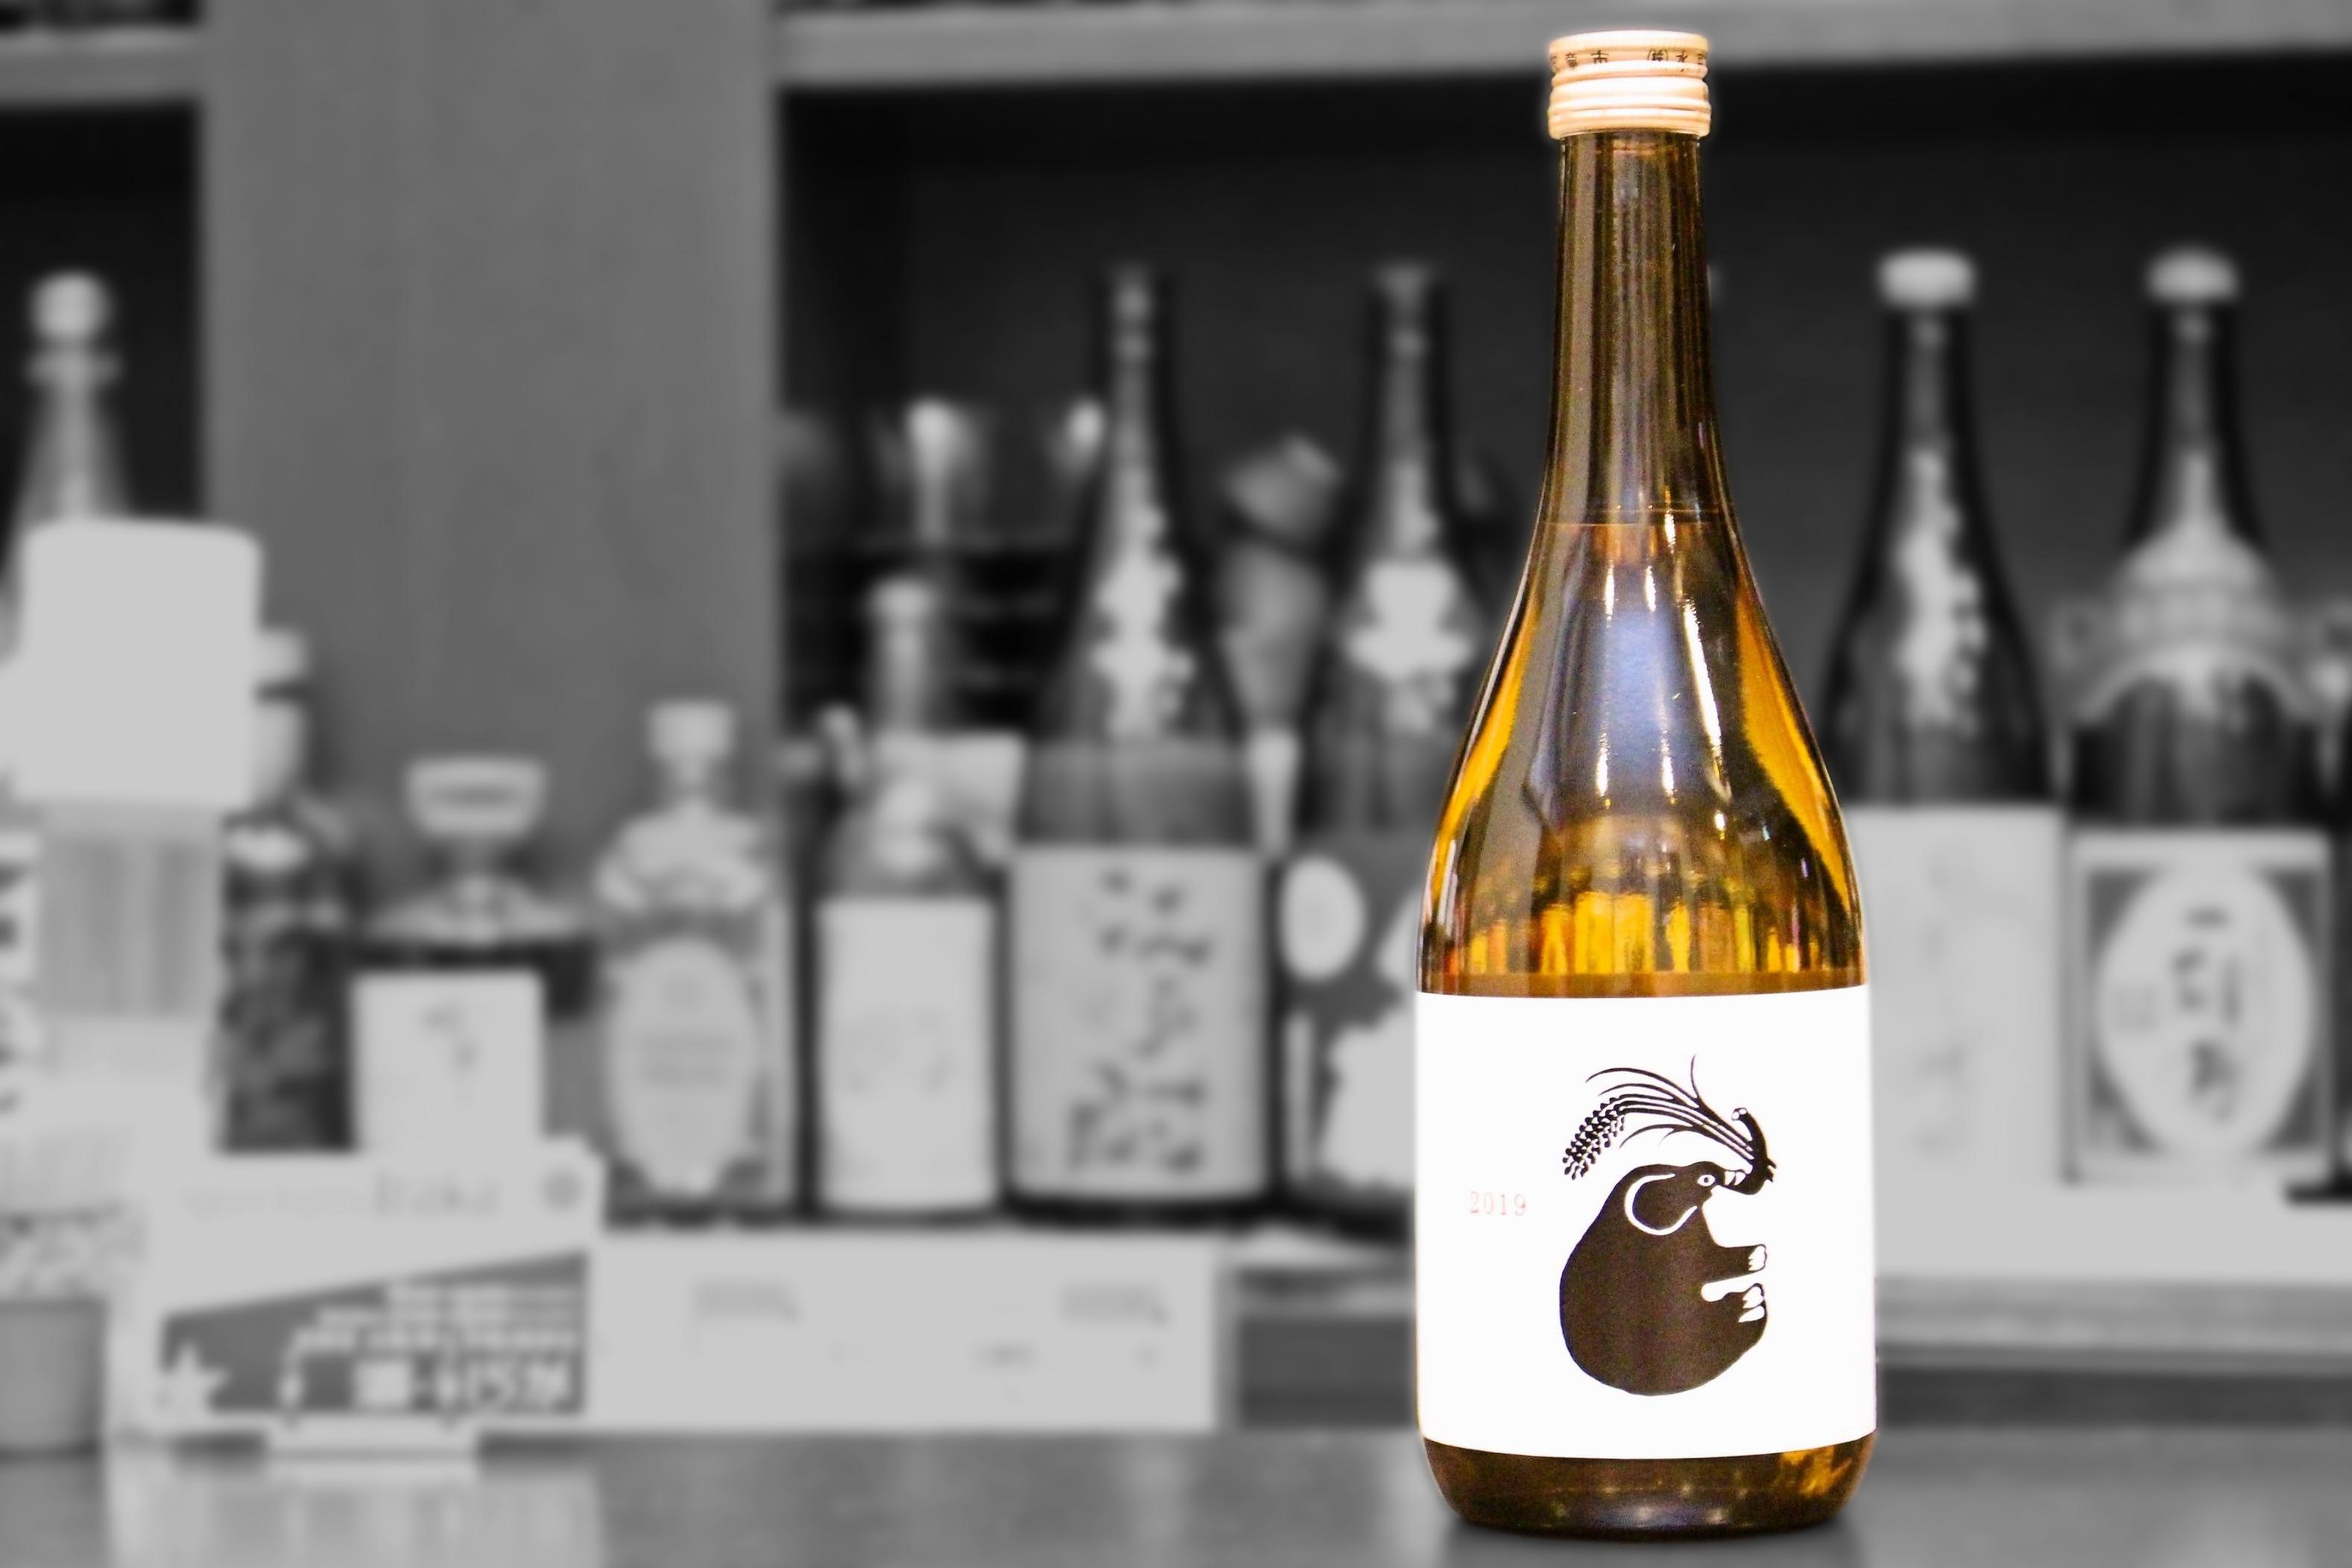 山形正宗稲造純米吟醸202004-001